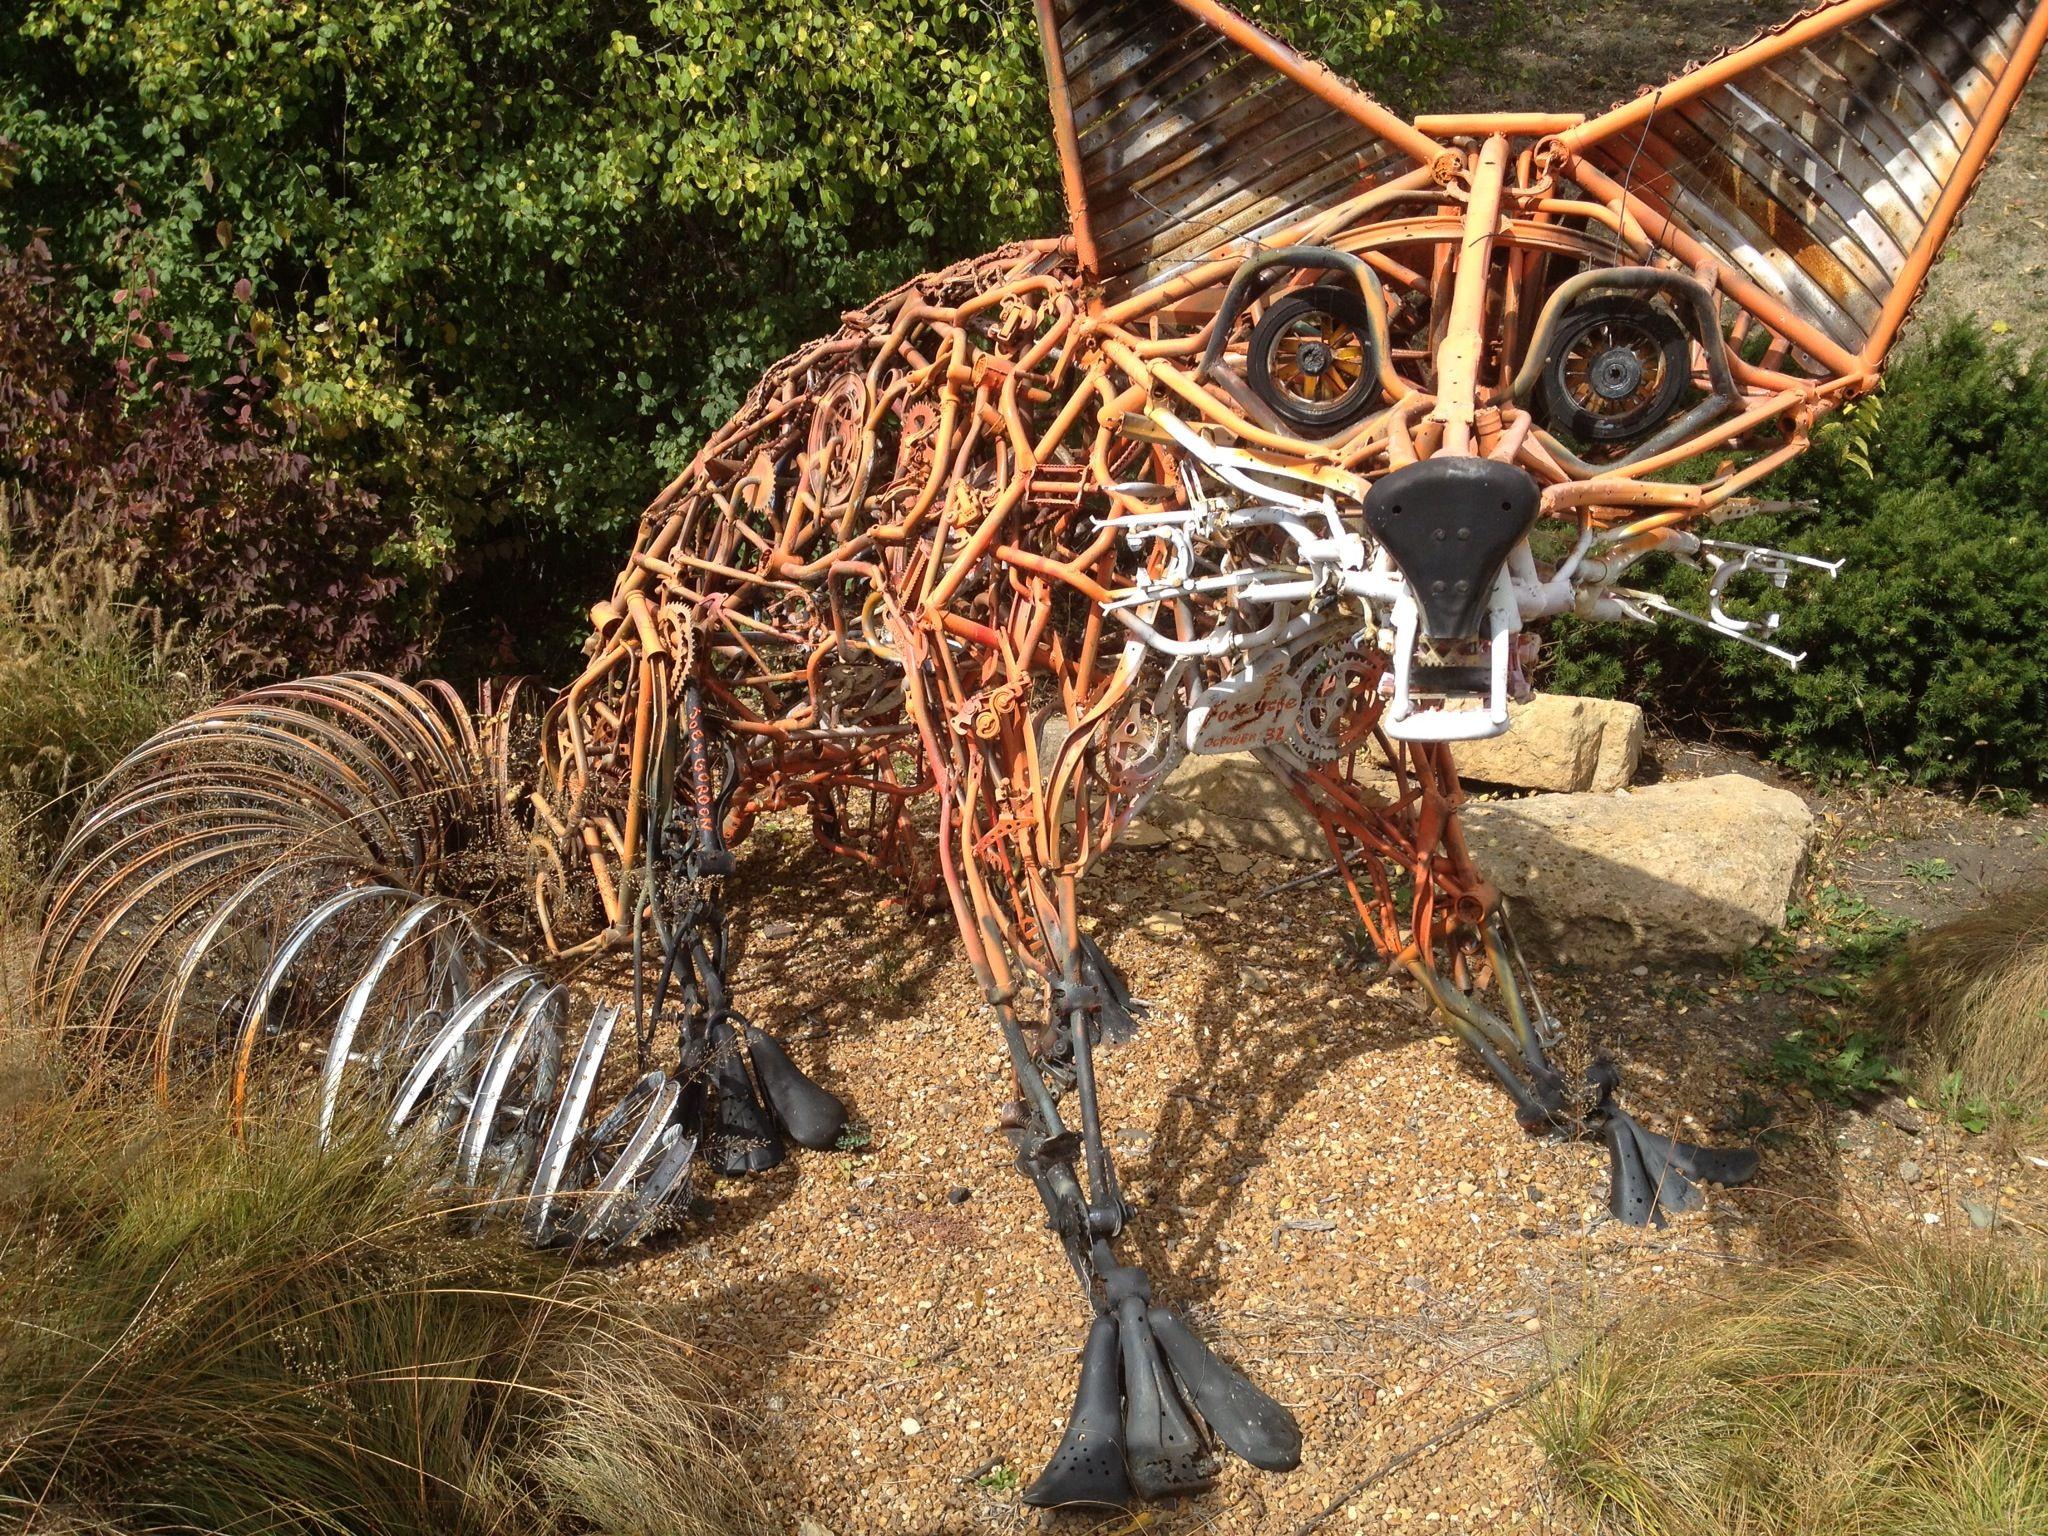 Fox sculpture sculpture metal art sculpture sculpture art